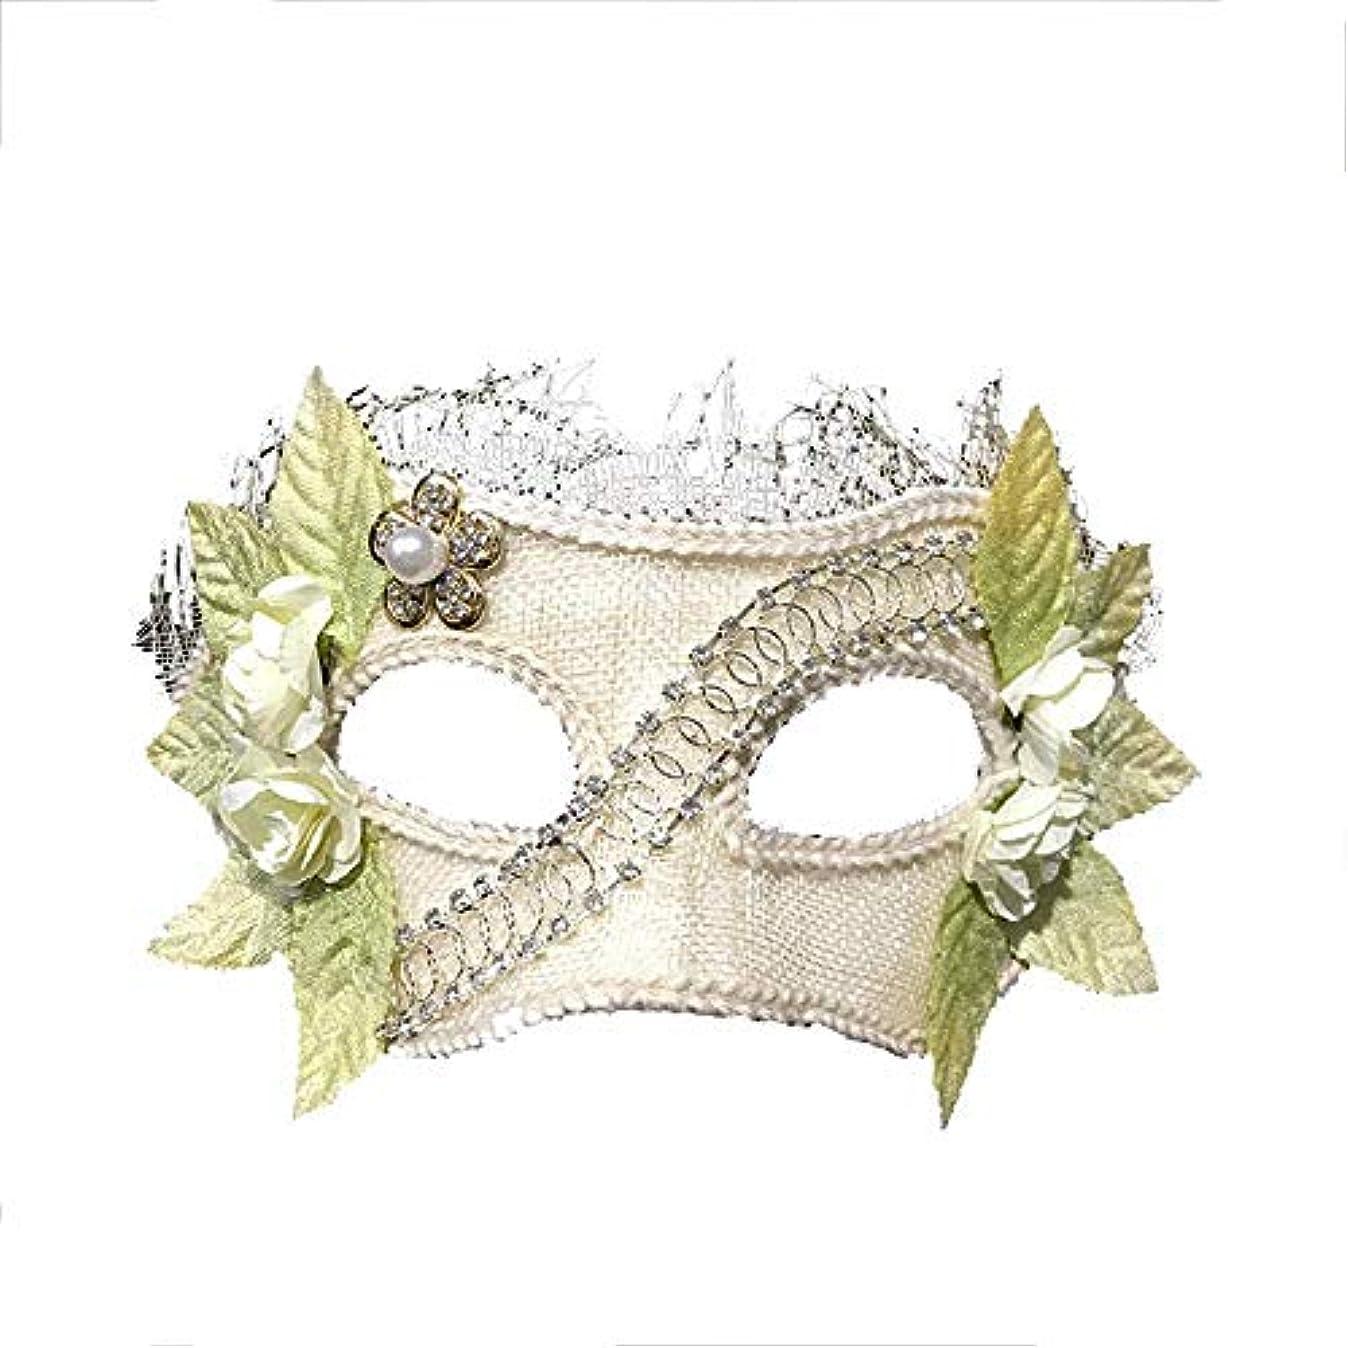 町とげ分割Nanle ハロウィンクリスマスフラワーフェザービーズマスク仮装マスクレディミスプリンセス美容祭パーティーデコレーションマスク (色 : Style A)